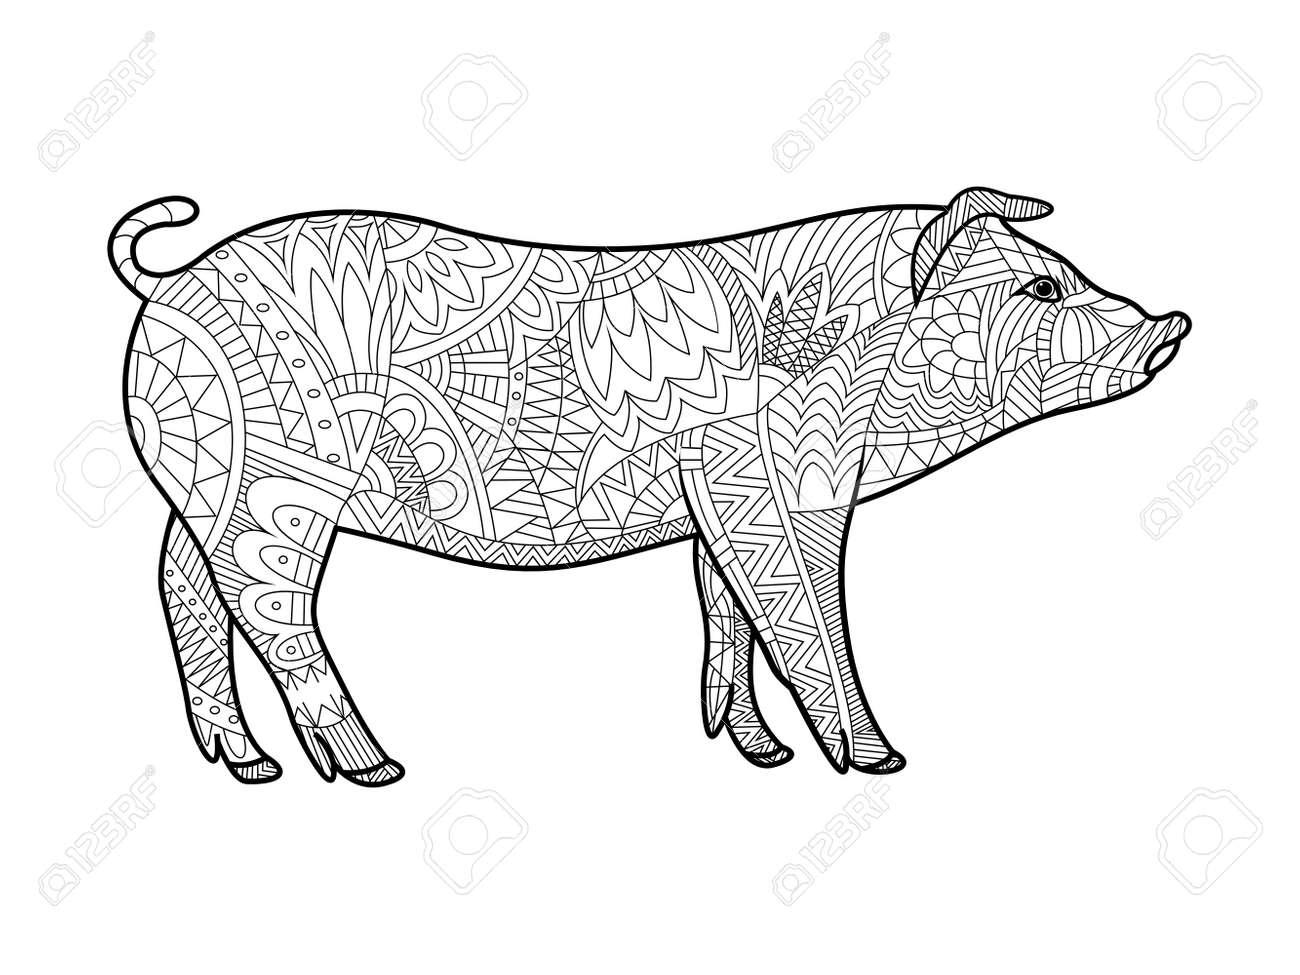 banque dimages piggy animaux livre de coloriage pour les adultes illustration vectorielle anti stress coloration pour les adultes